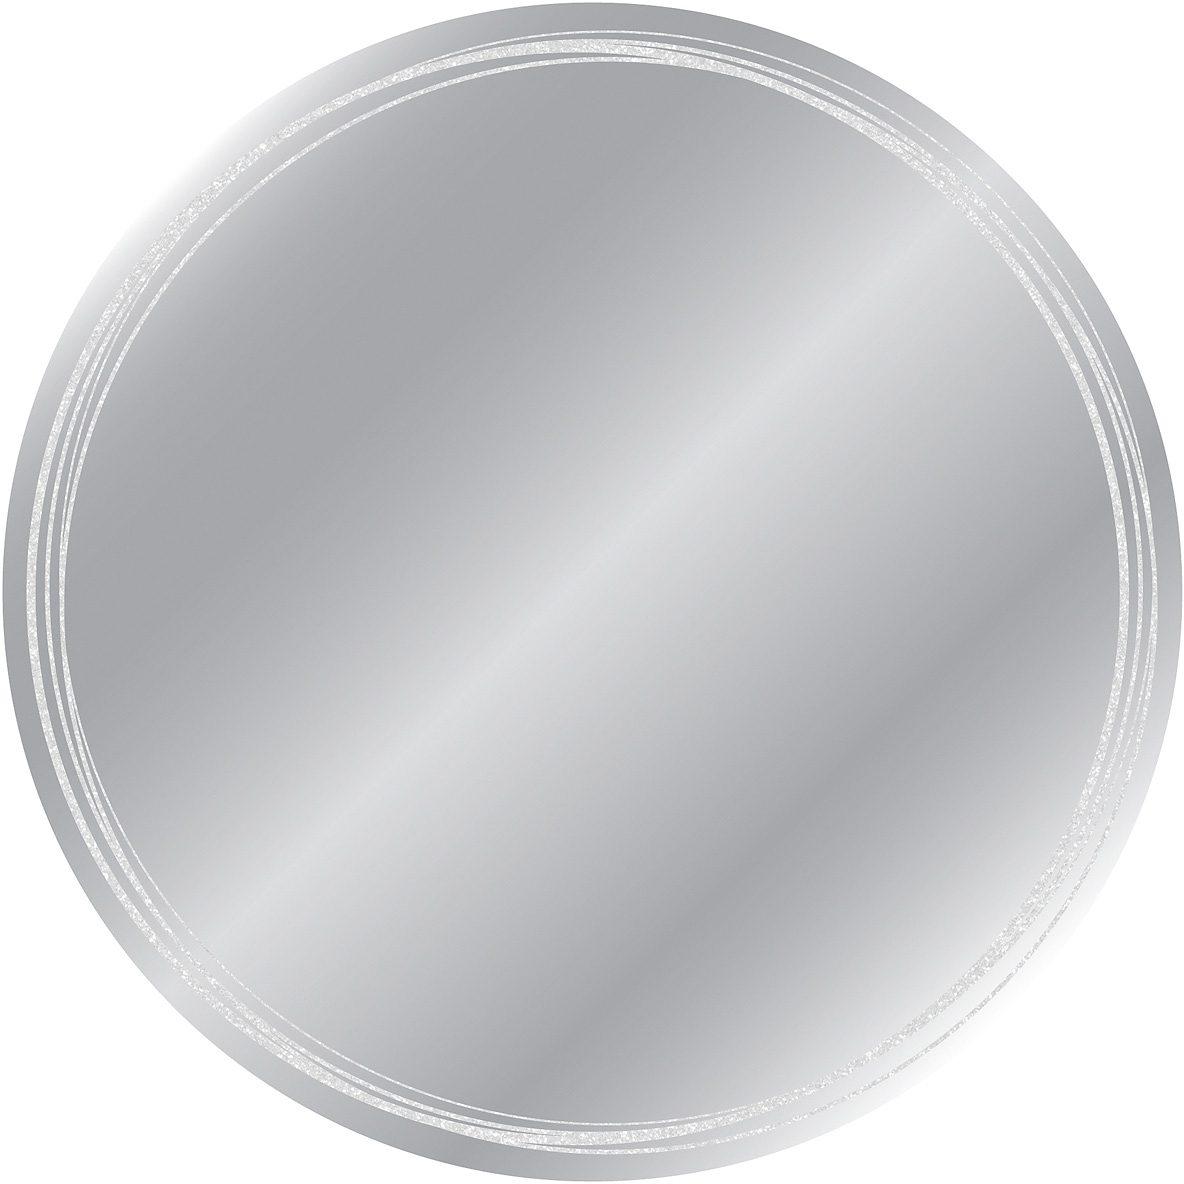 EUROGRAPHICS Kunstspiegel »Kreise«, Ø 50 cm